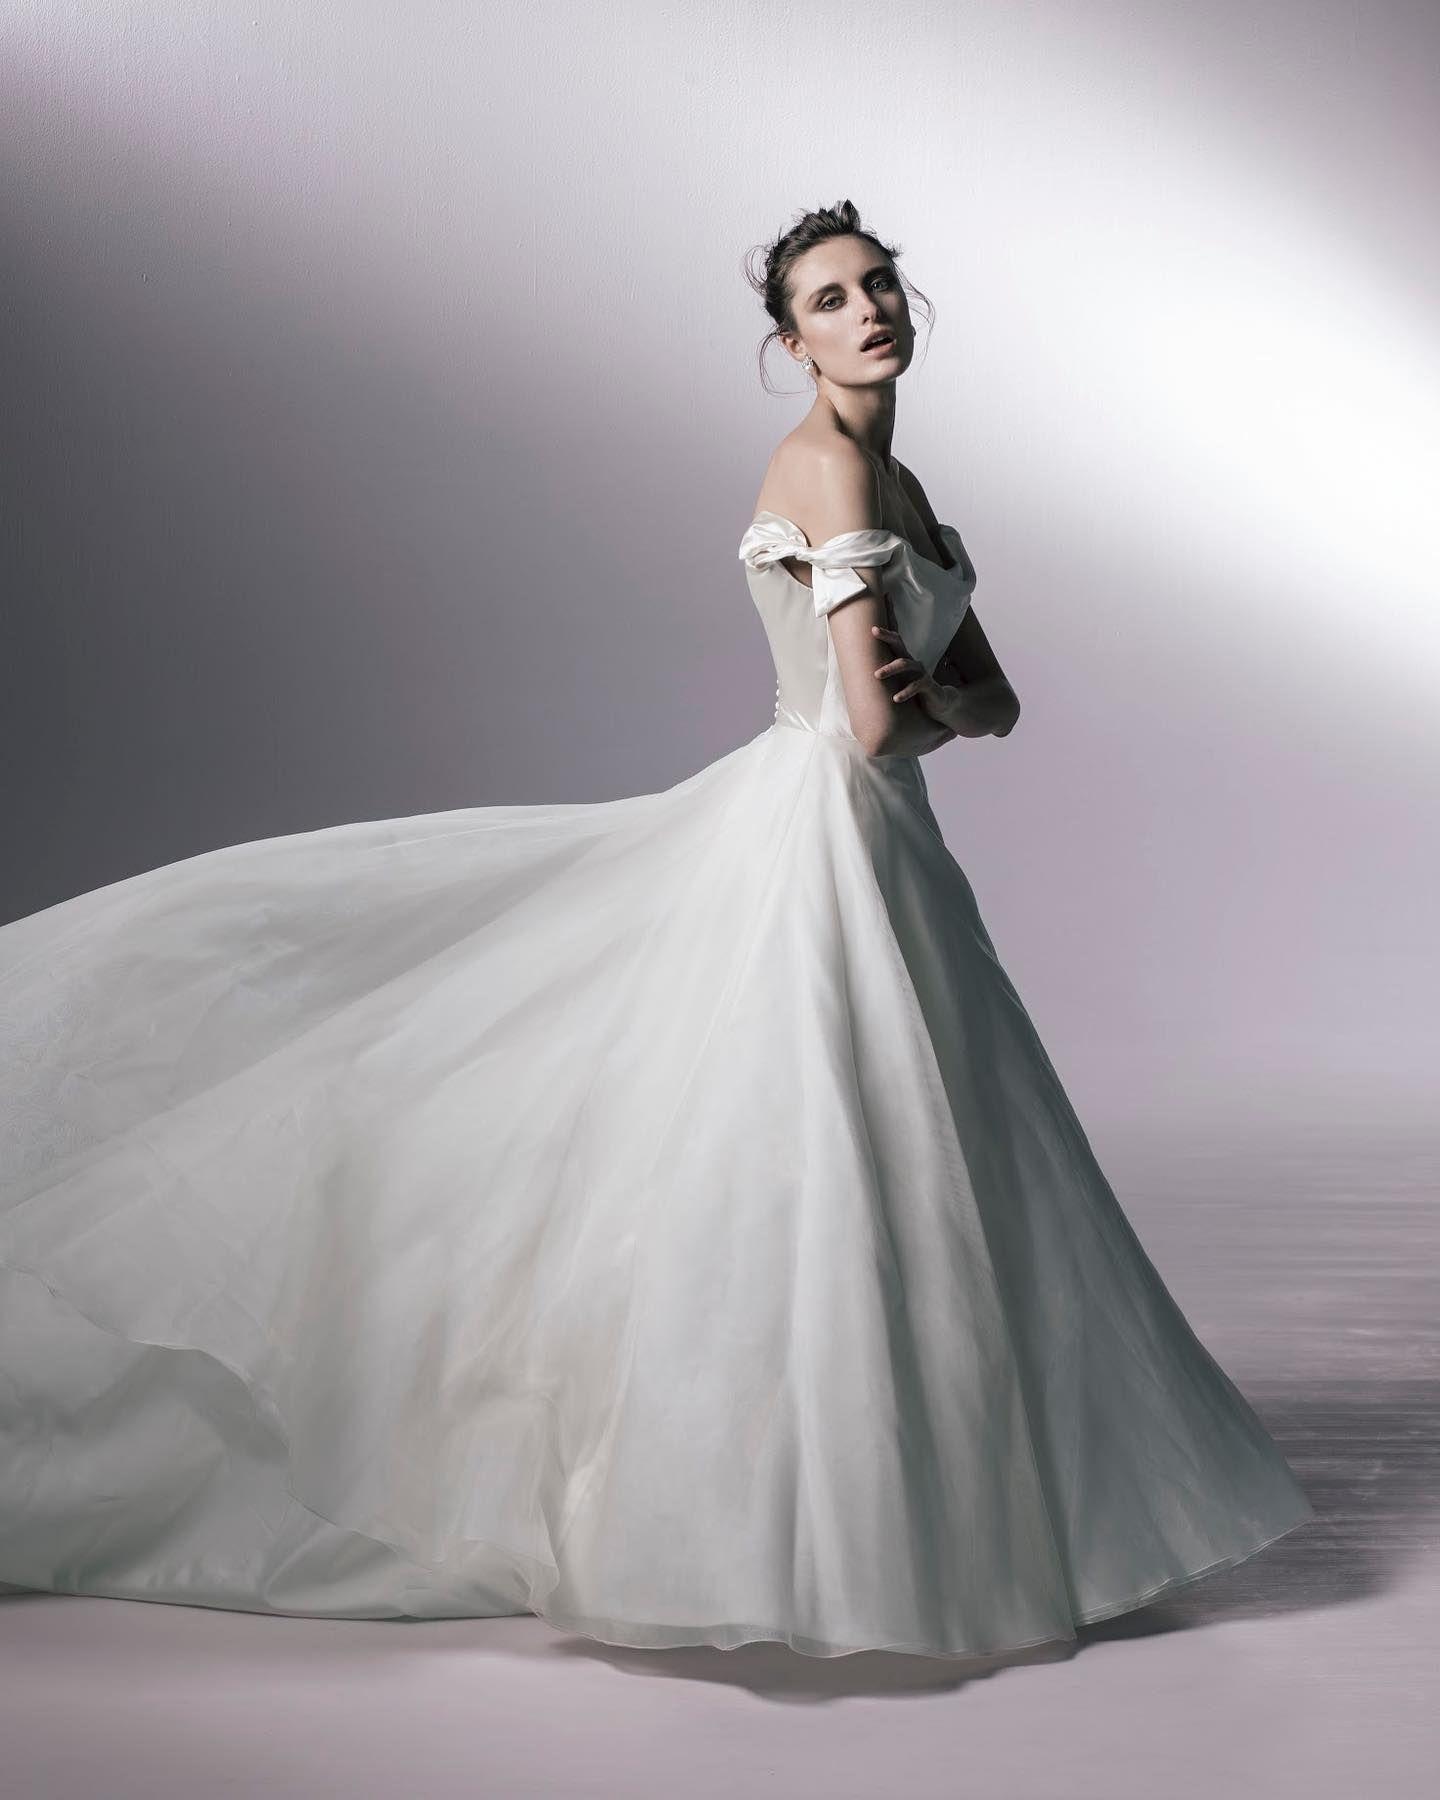 Authentiqueのシンプルな ロイヤルウェディングを感じさせるドレス達 Phillipa Lepleyフィリッパレプリーのaラインドレス なめらかなシルクサテンのドレープが美しいトップスに シルクオーガンジーの軽やかなスカート オフショルダーにあしらわれた 2020 Aライン